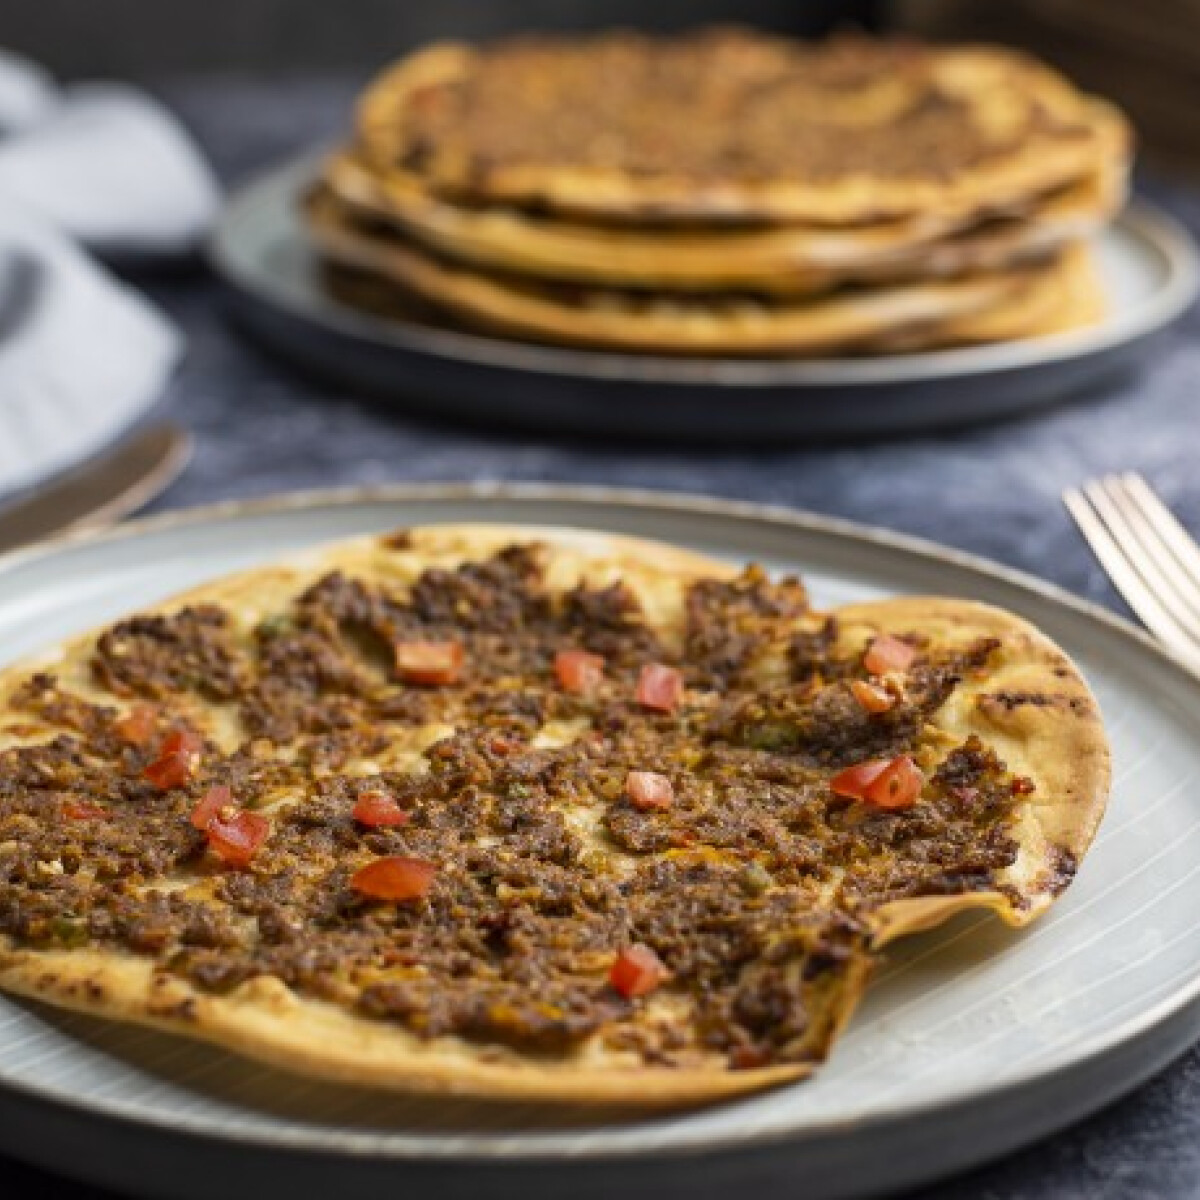 Ezen a képen: Lahmacun, a török pizza